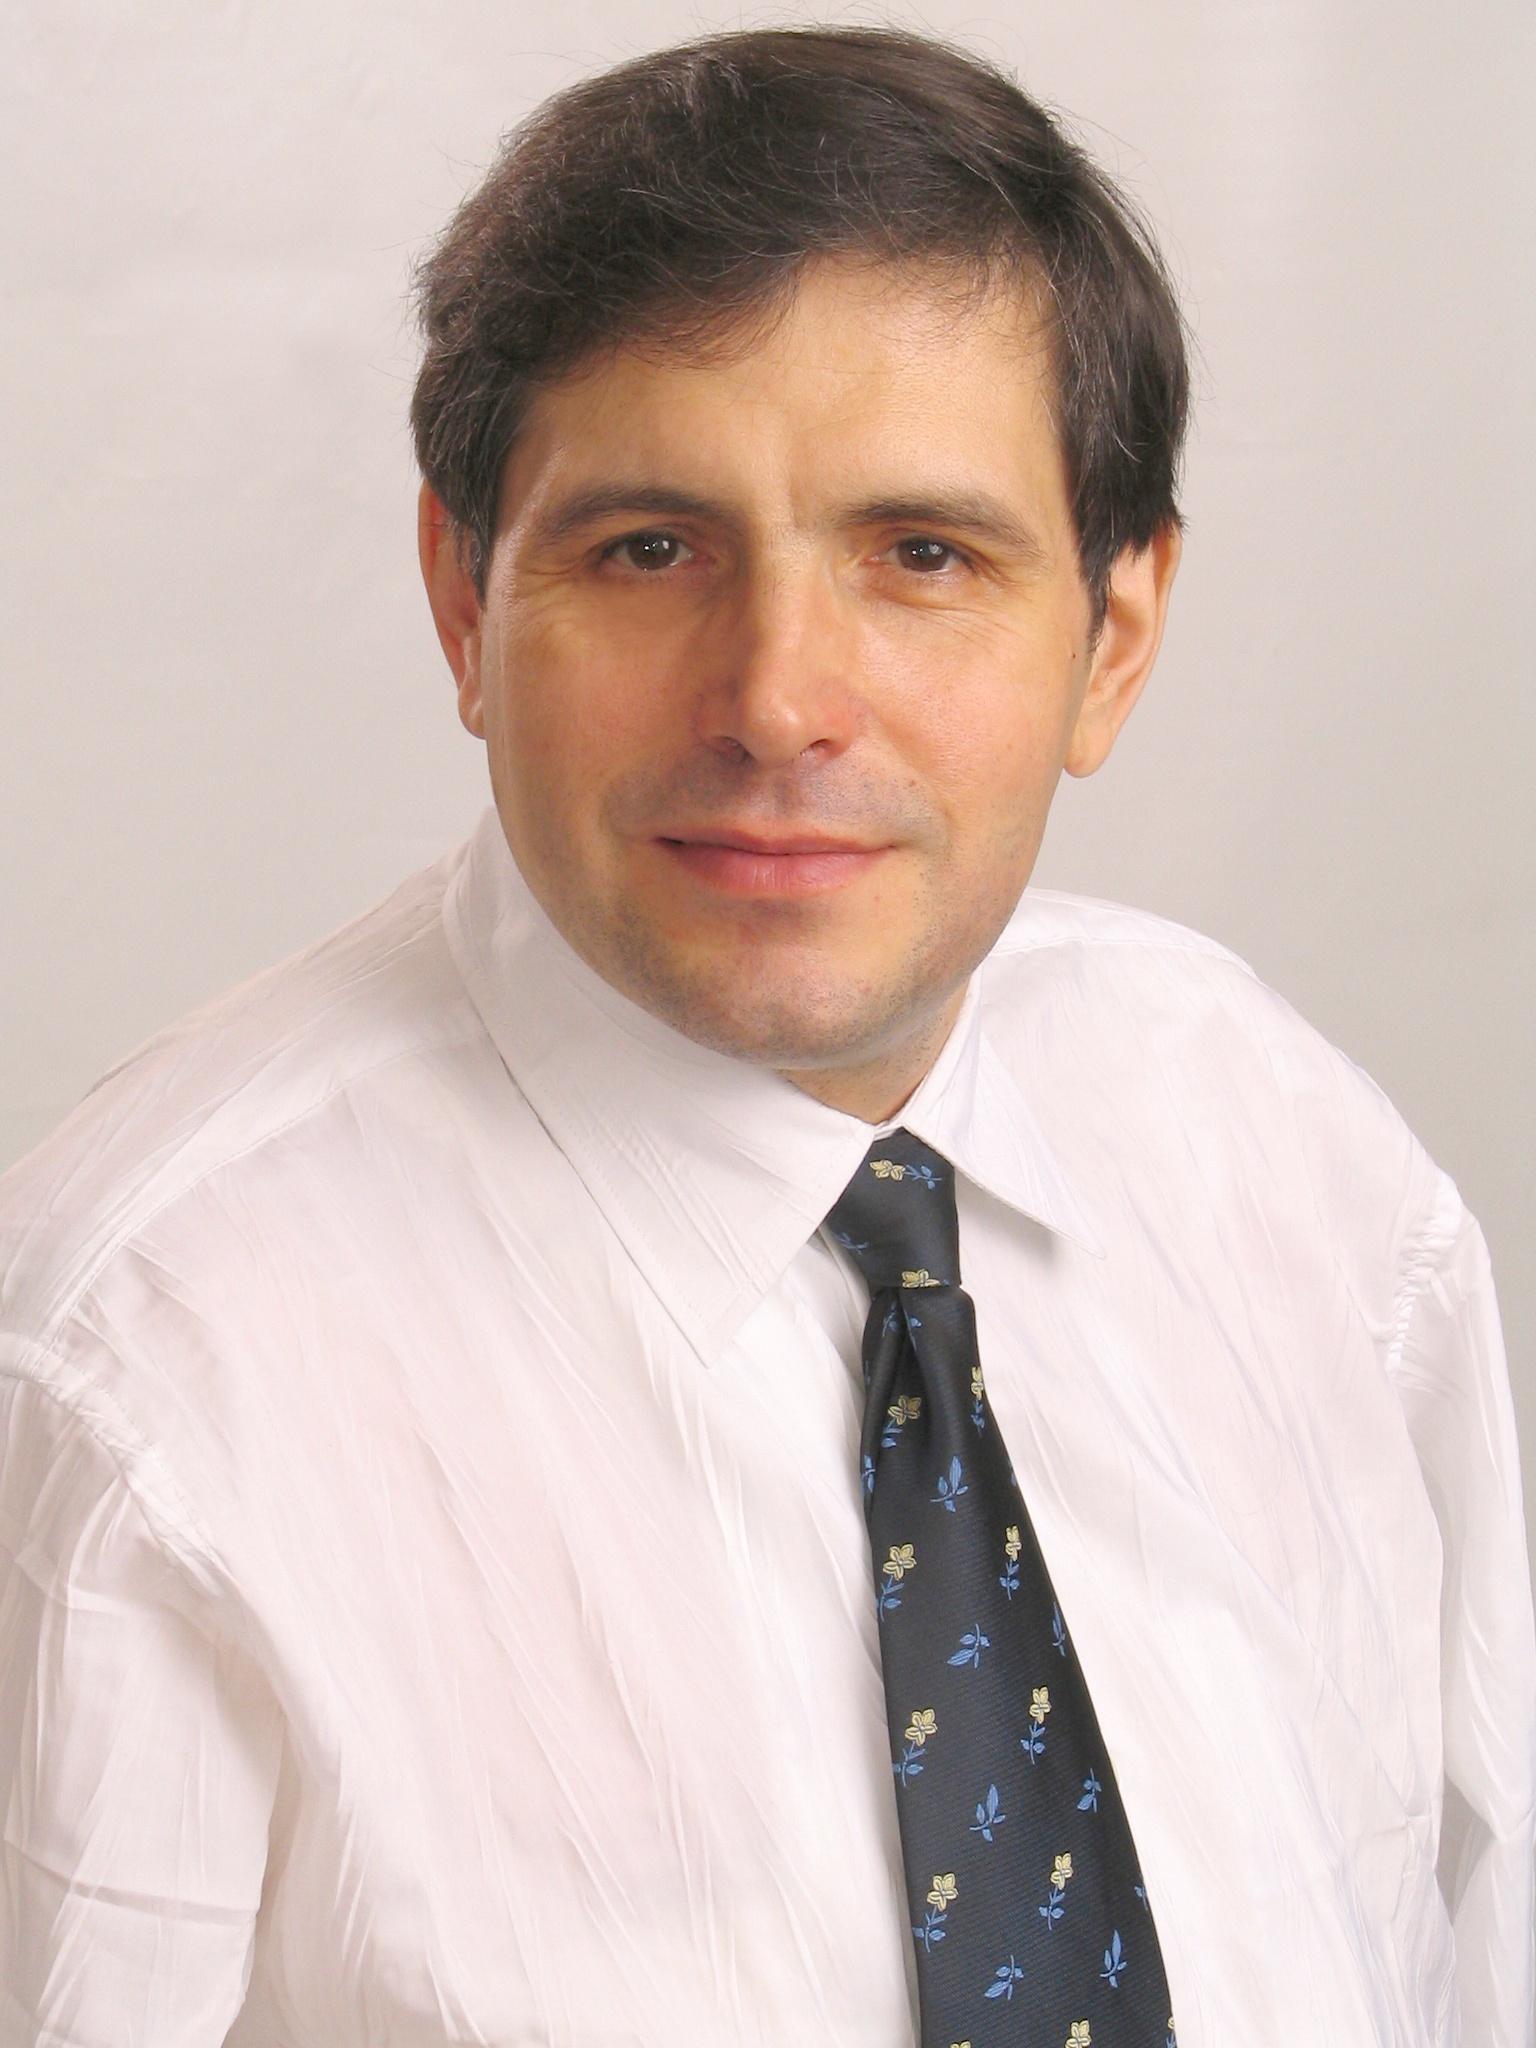 Виктор Стародубцев, руководитель Железногорского хосписа